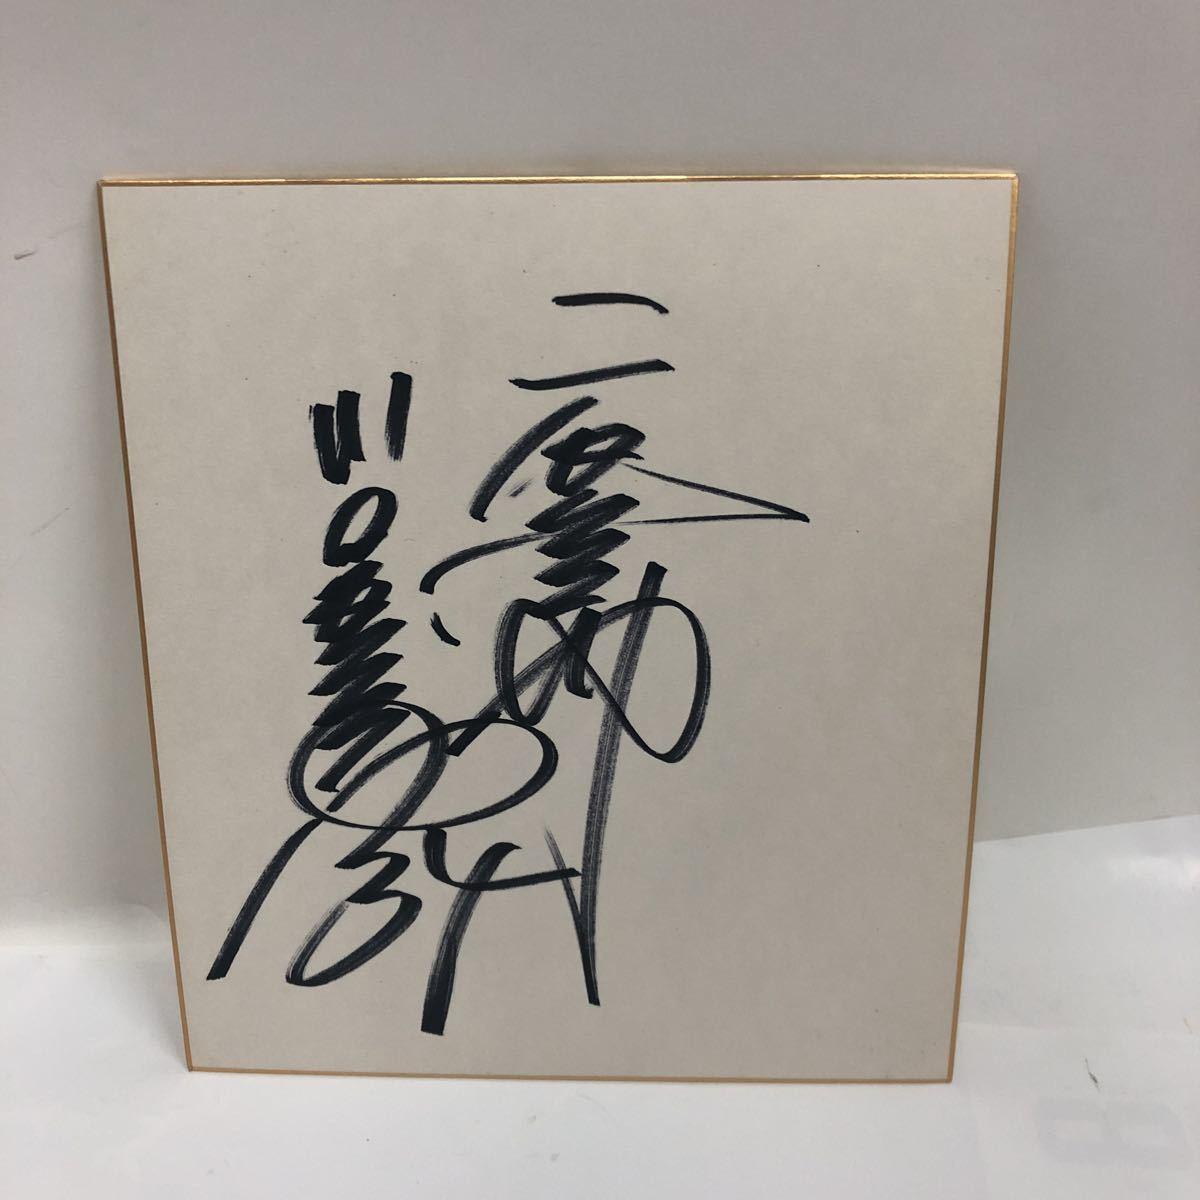 レア 希少 広島カープ 川口選手 34番 現役時代 直筆サイン色紙 _画像1